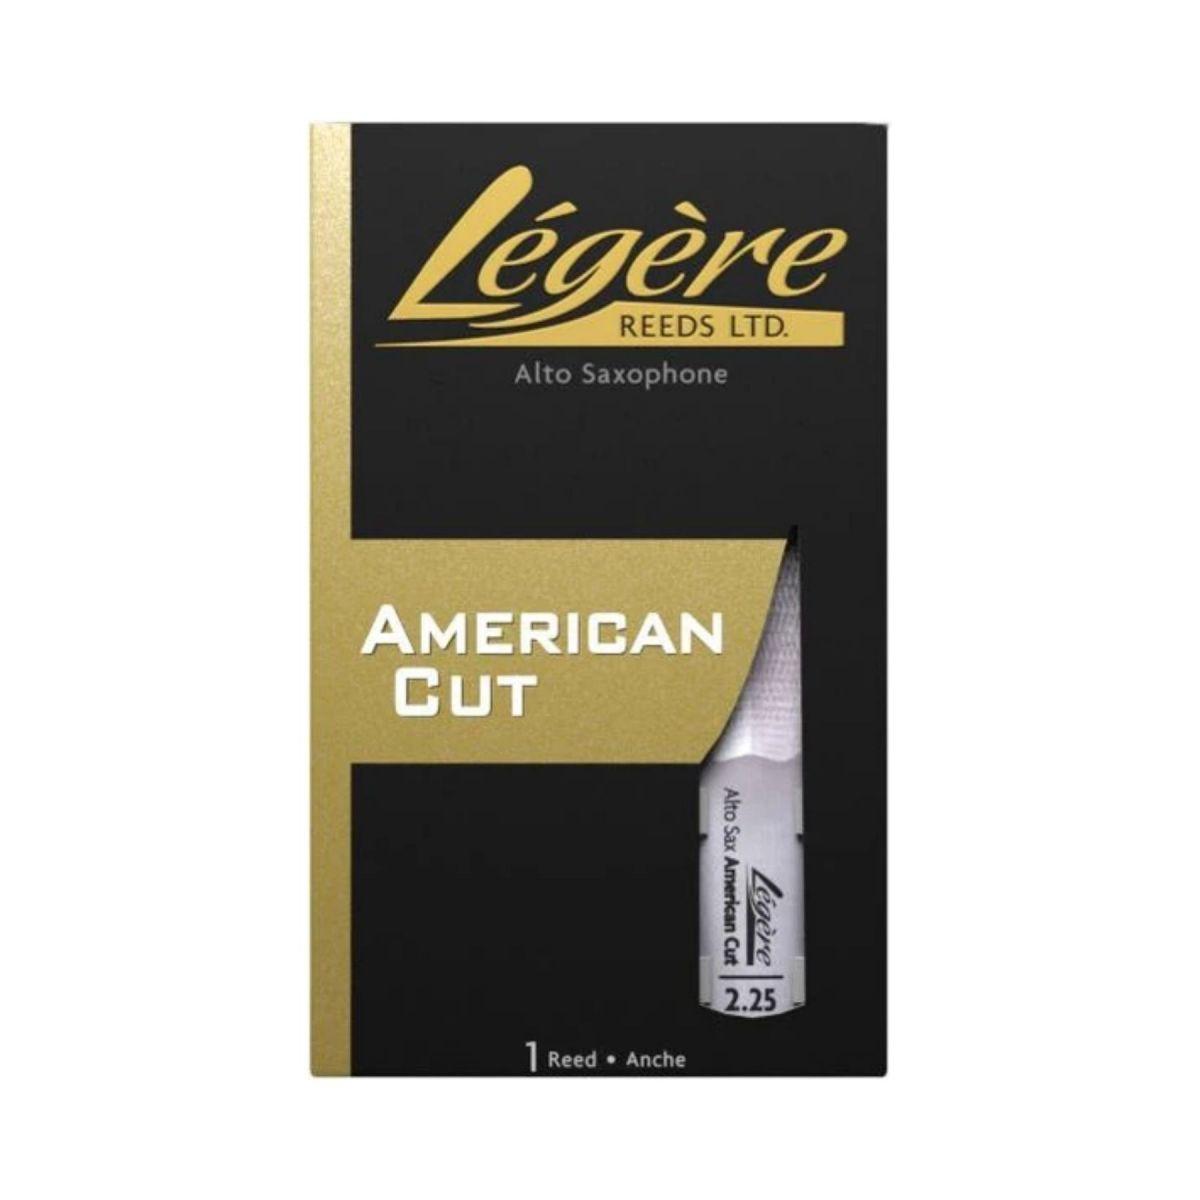 Ancia Sax Alto Legere American Cut n.2,25 singola